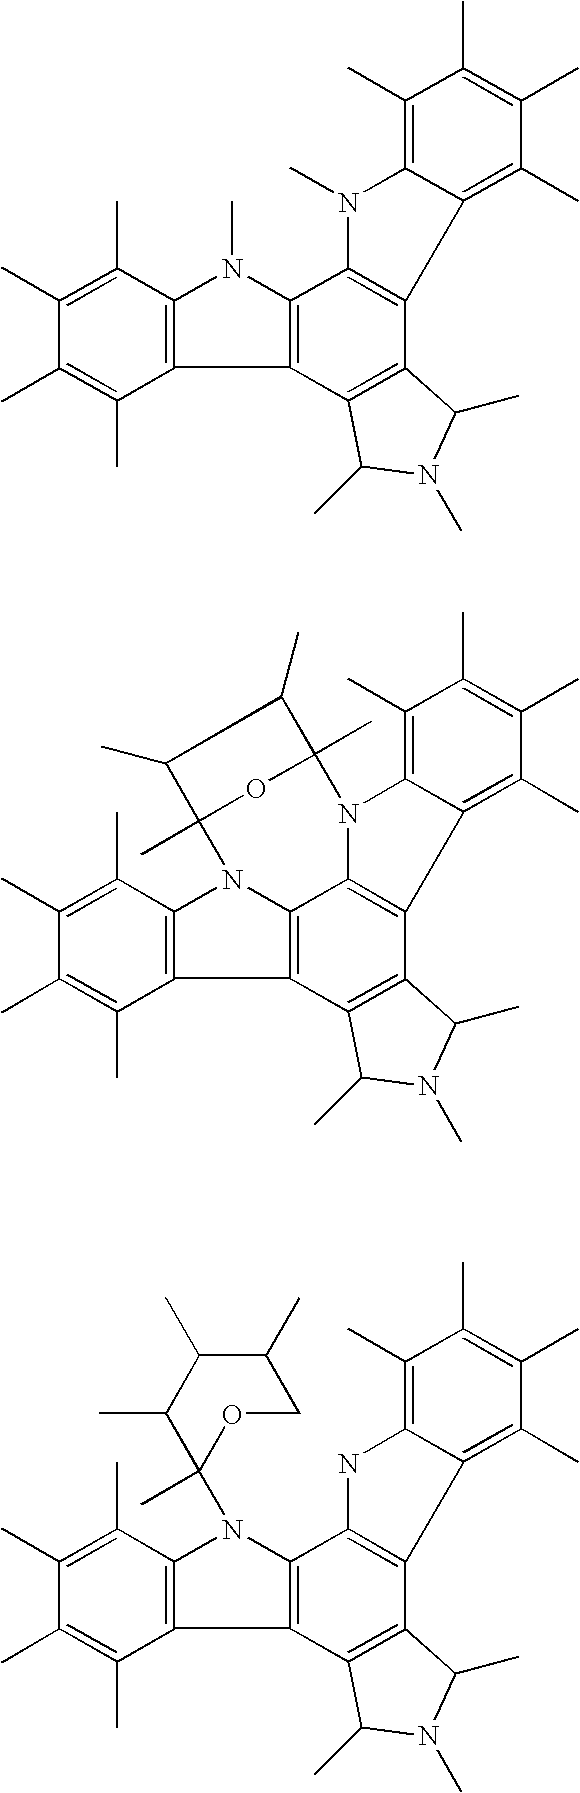 Figure US20070141339A1-20070621-C00004